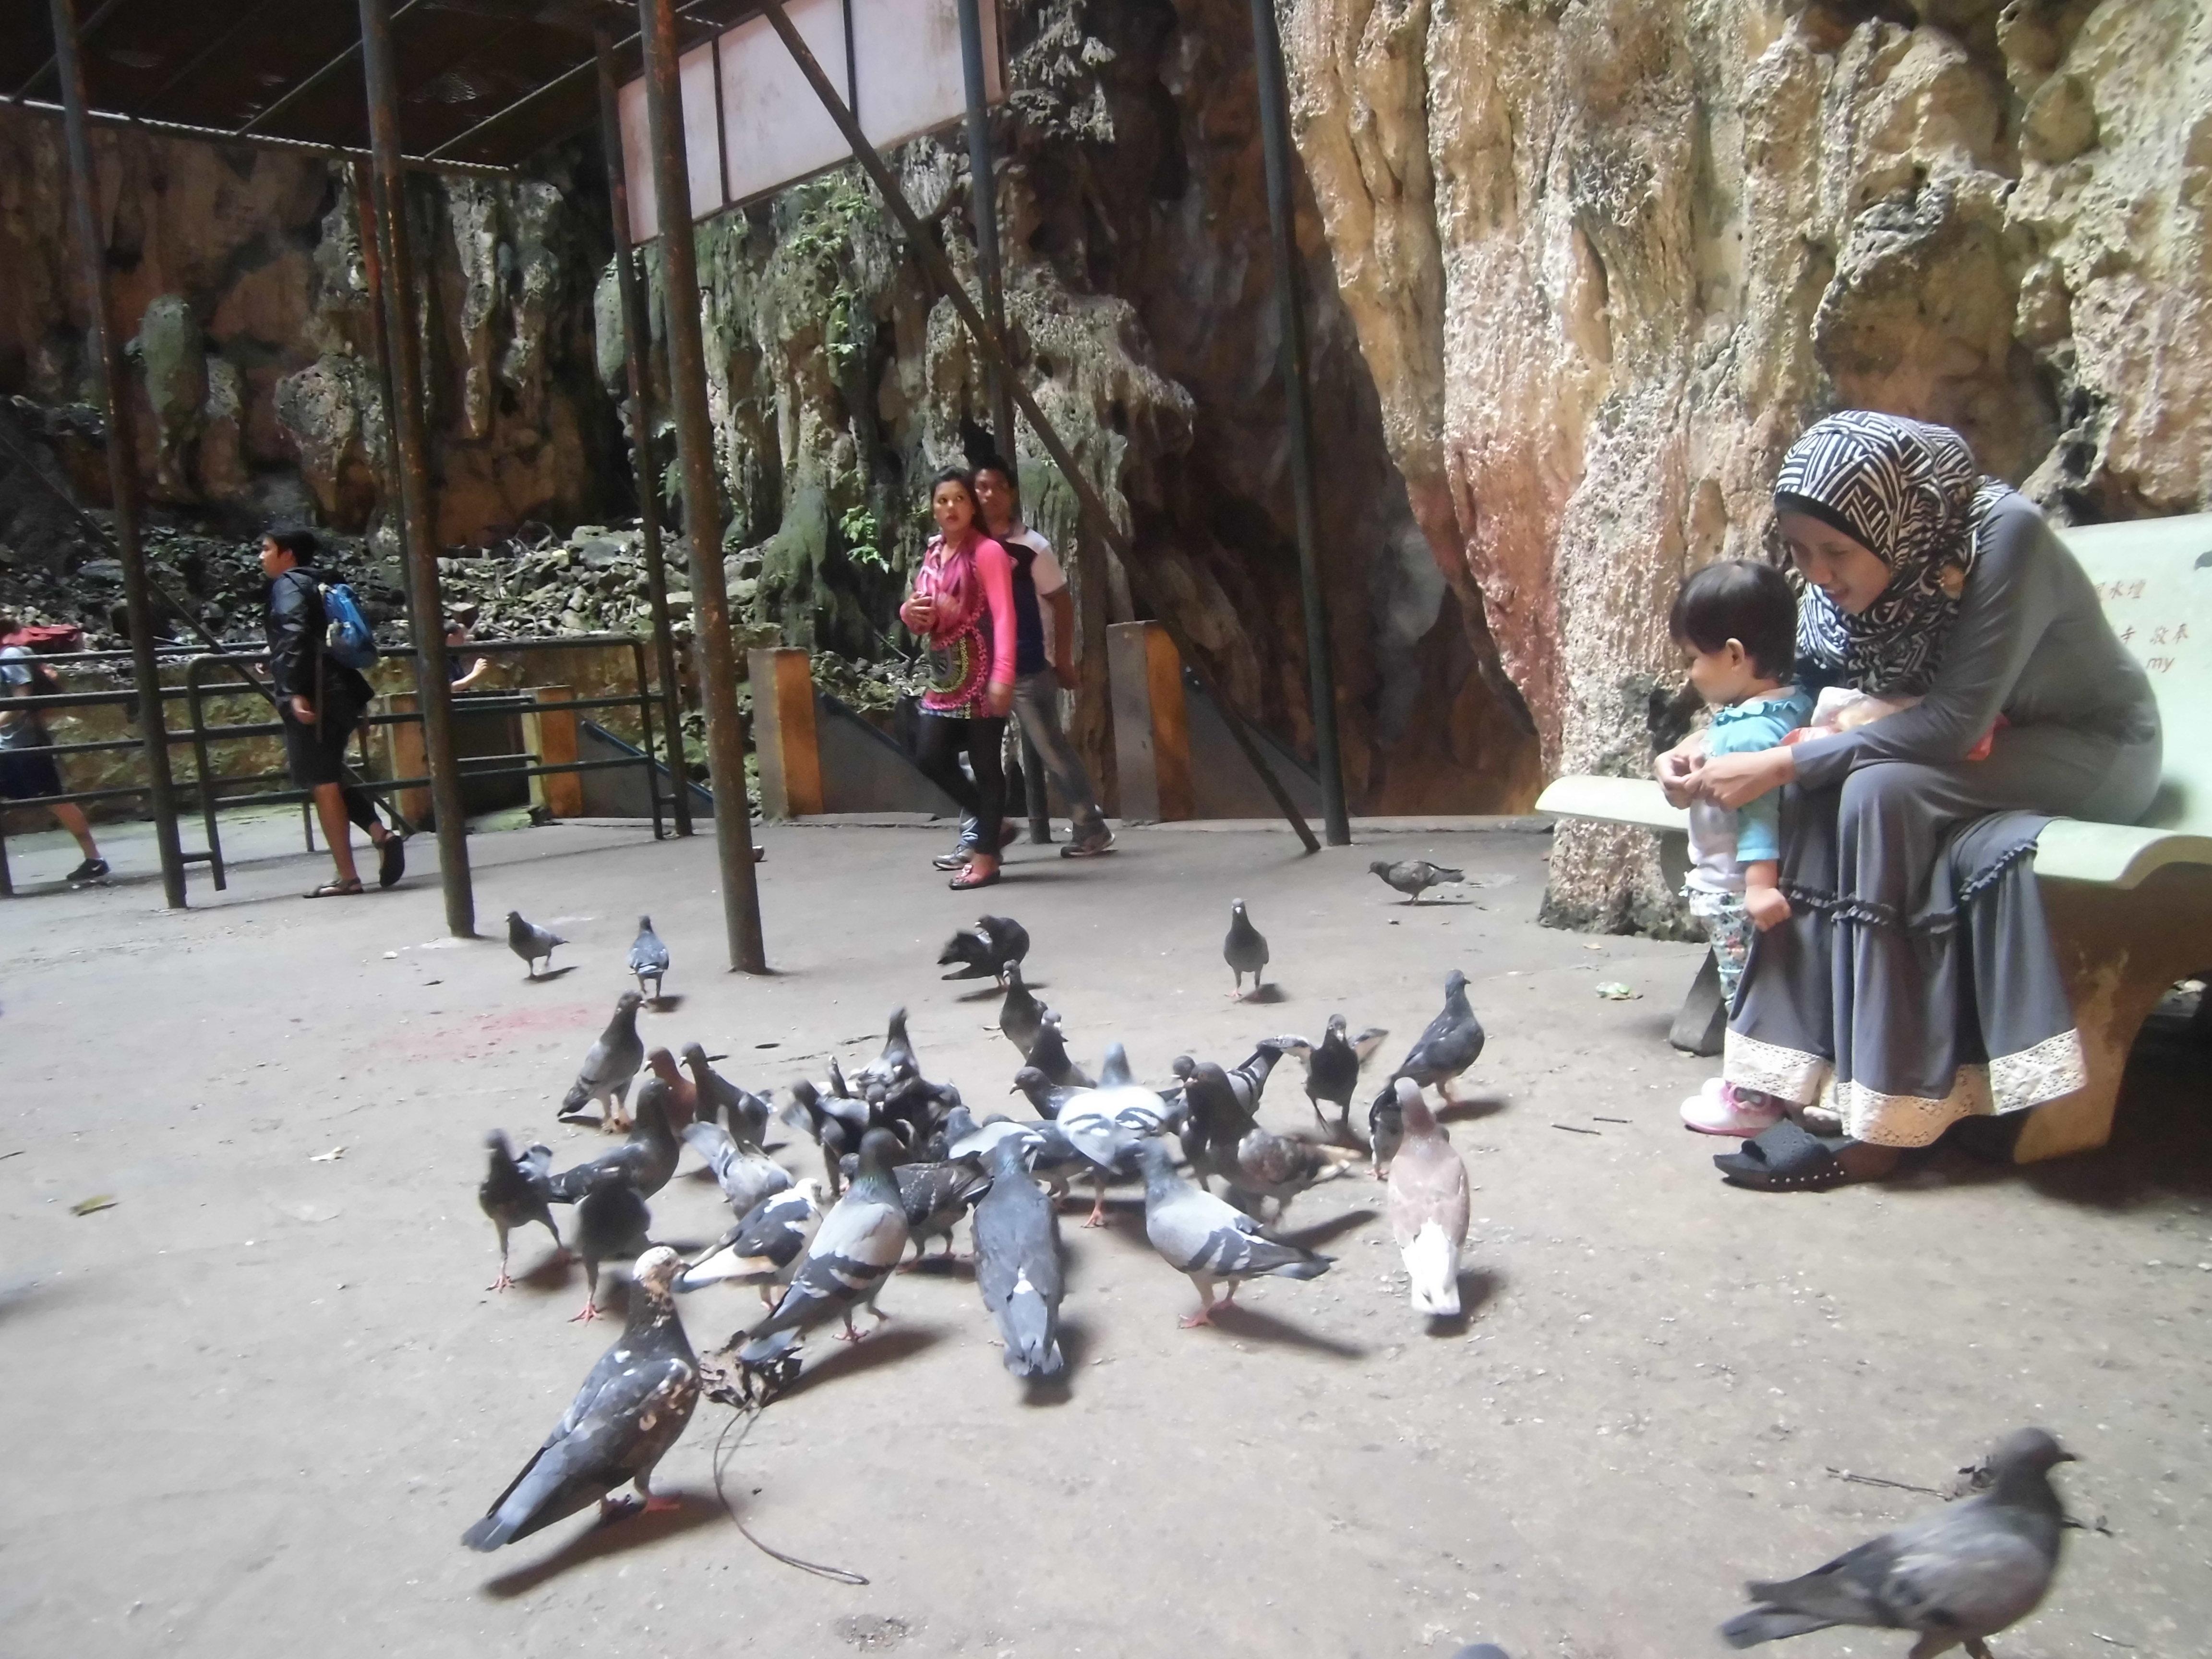 September 2015 Catatan Iqbal 100 Rupiah Burung Dara Batu Caves Penuh Dengan Kerumunan